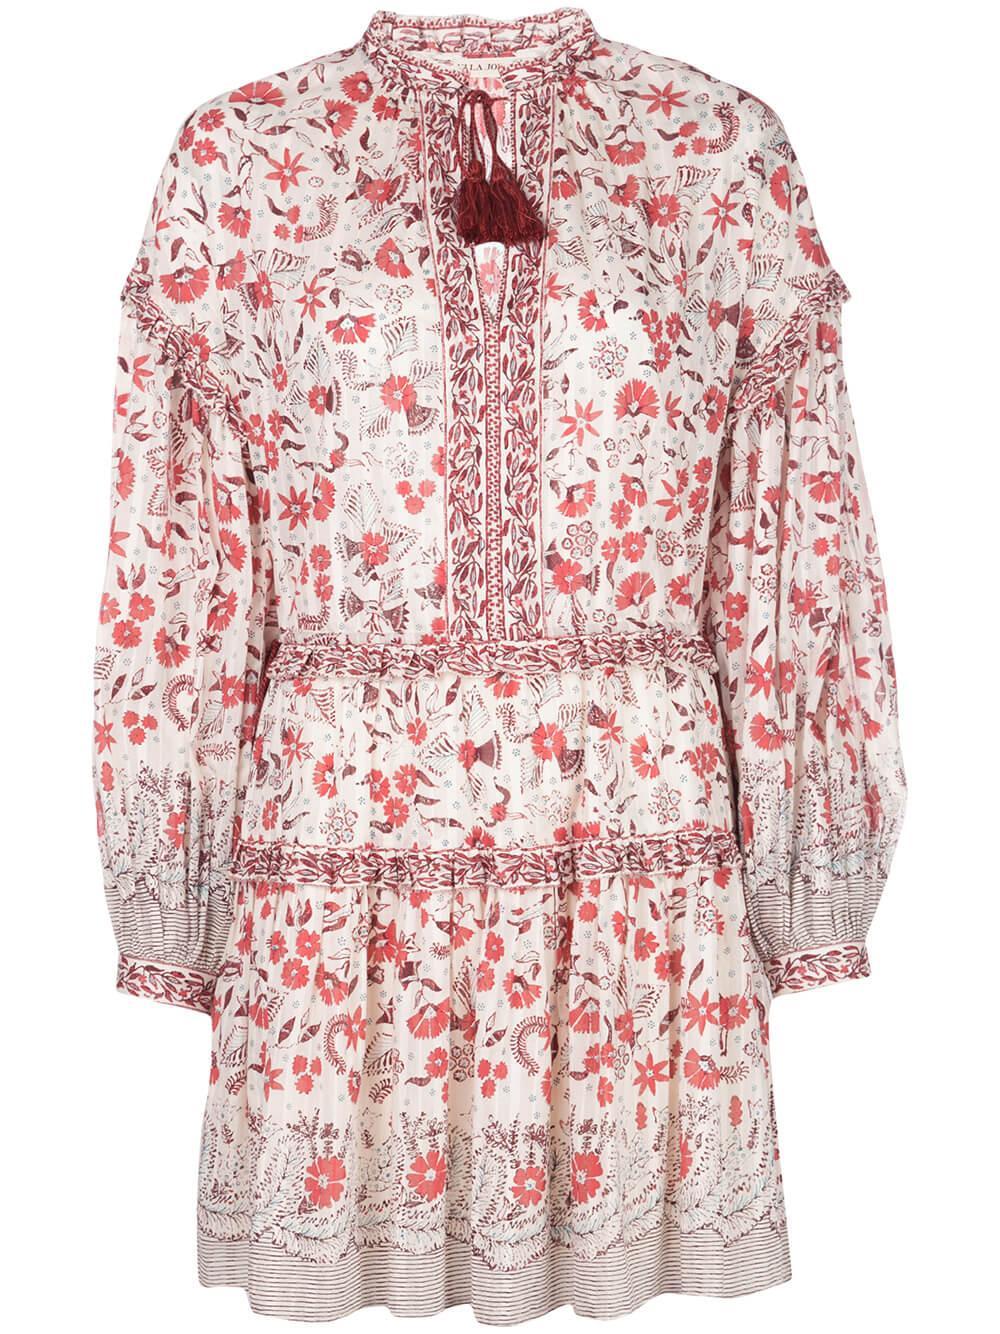 Marigold Short Dress Item # PS200135